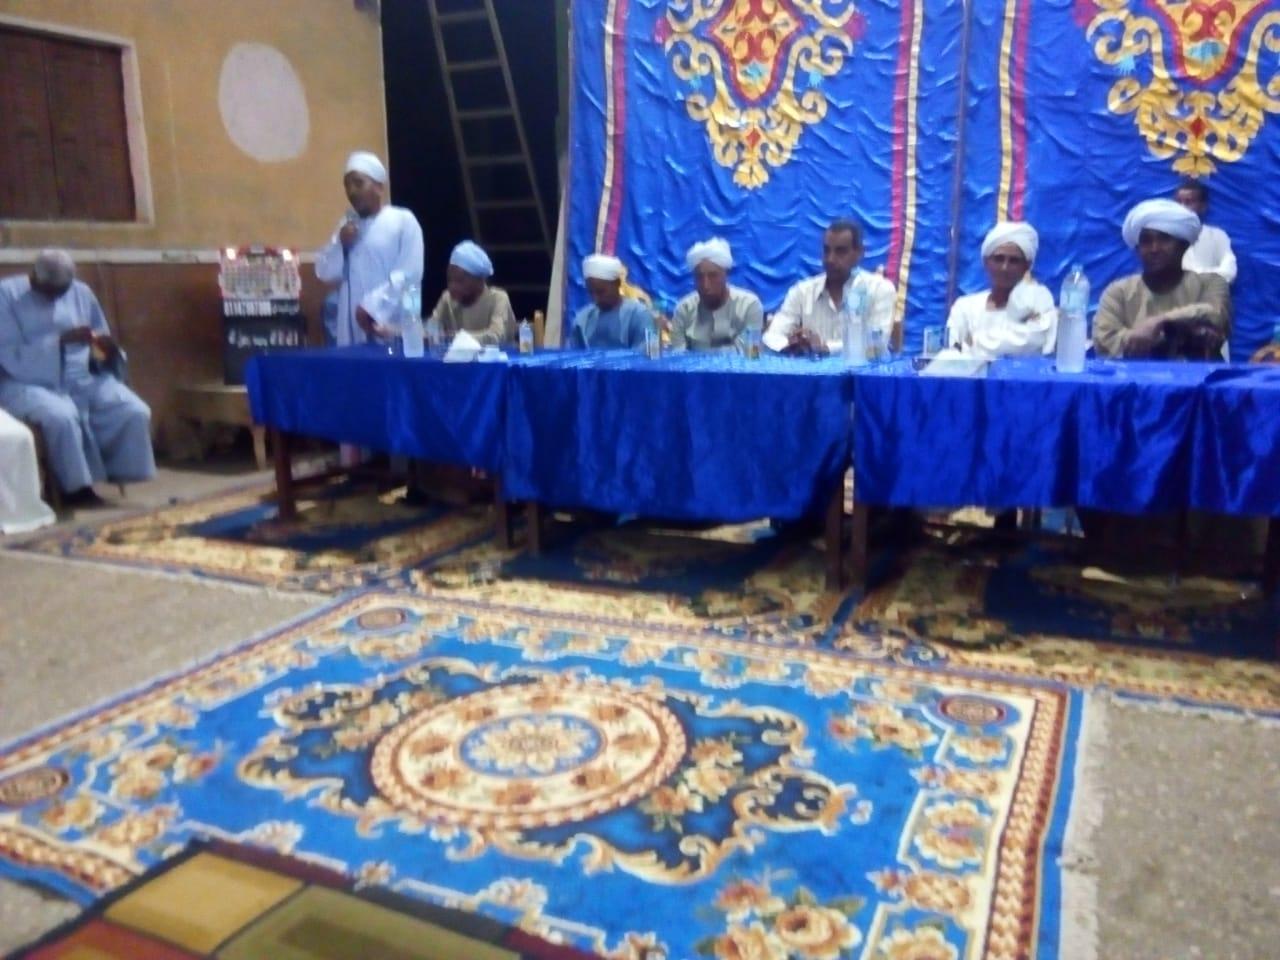 رجال المصالحات ينهون جلسة صلح بين عائلتين بقرية المدامود شمالي الأقصر